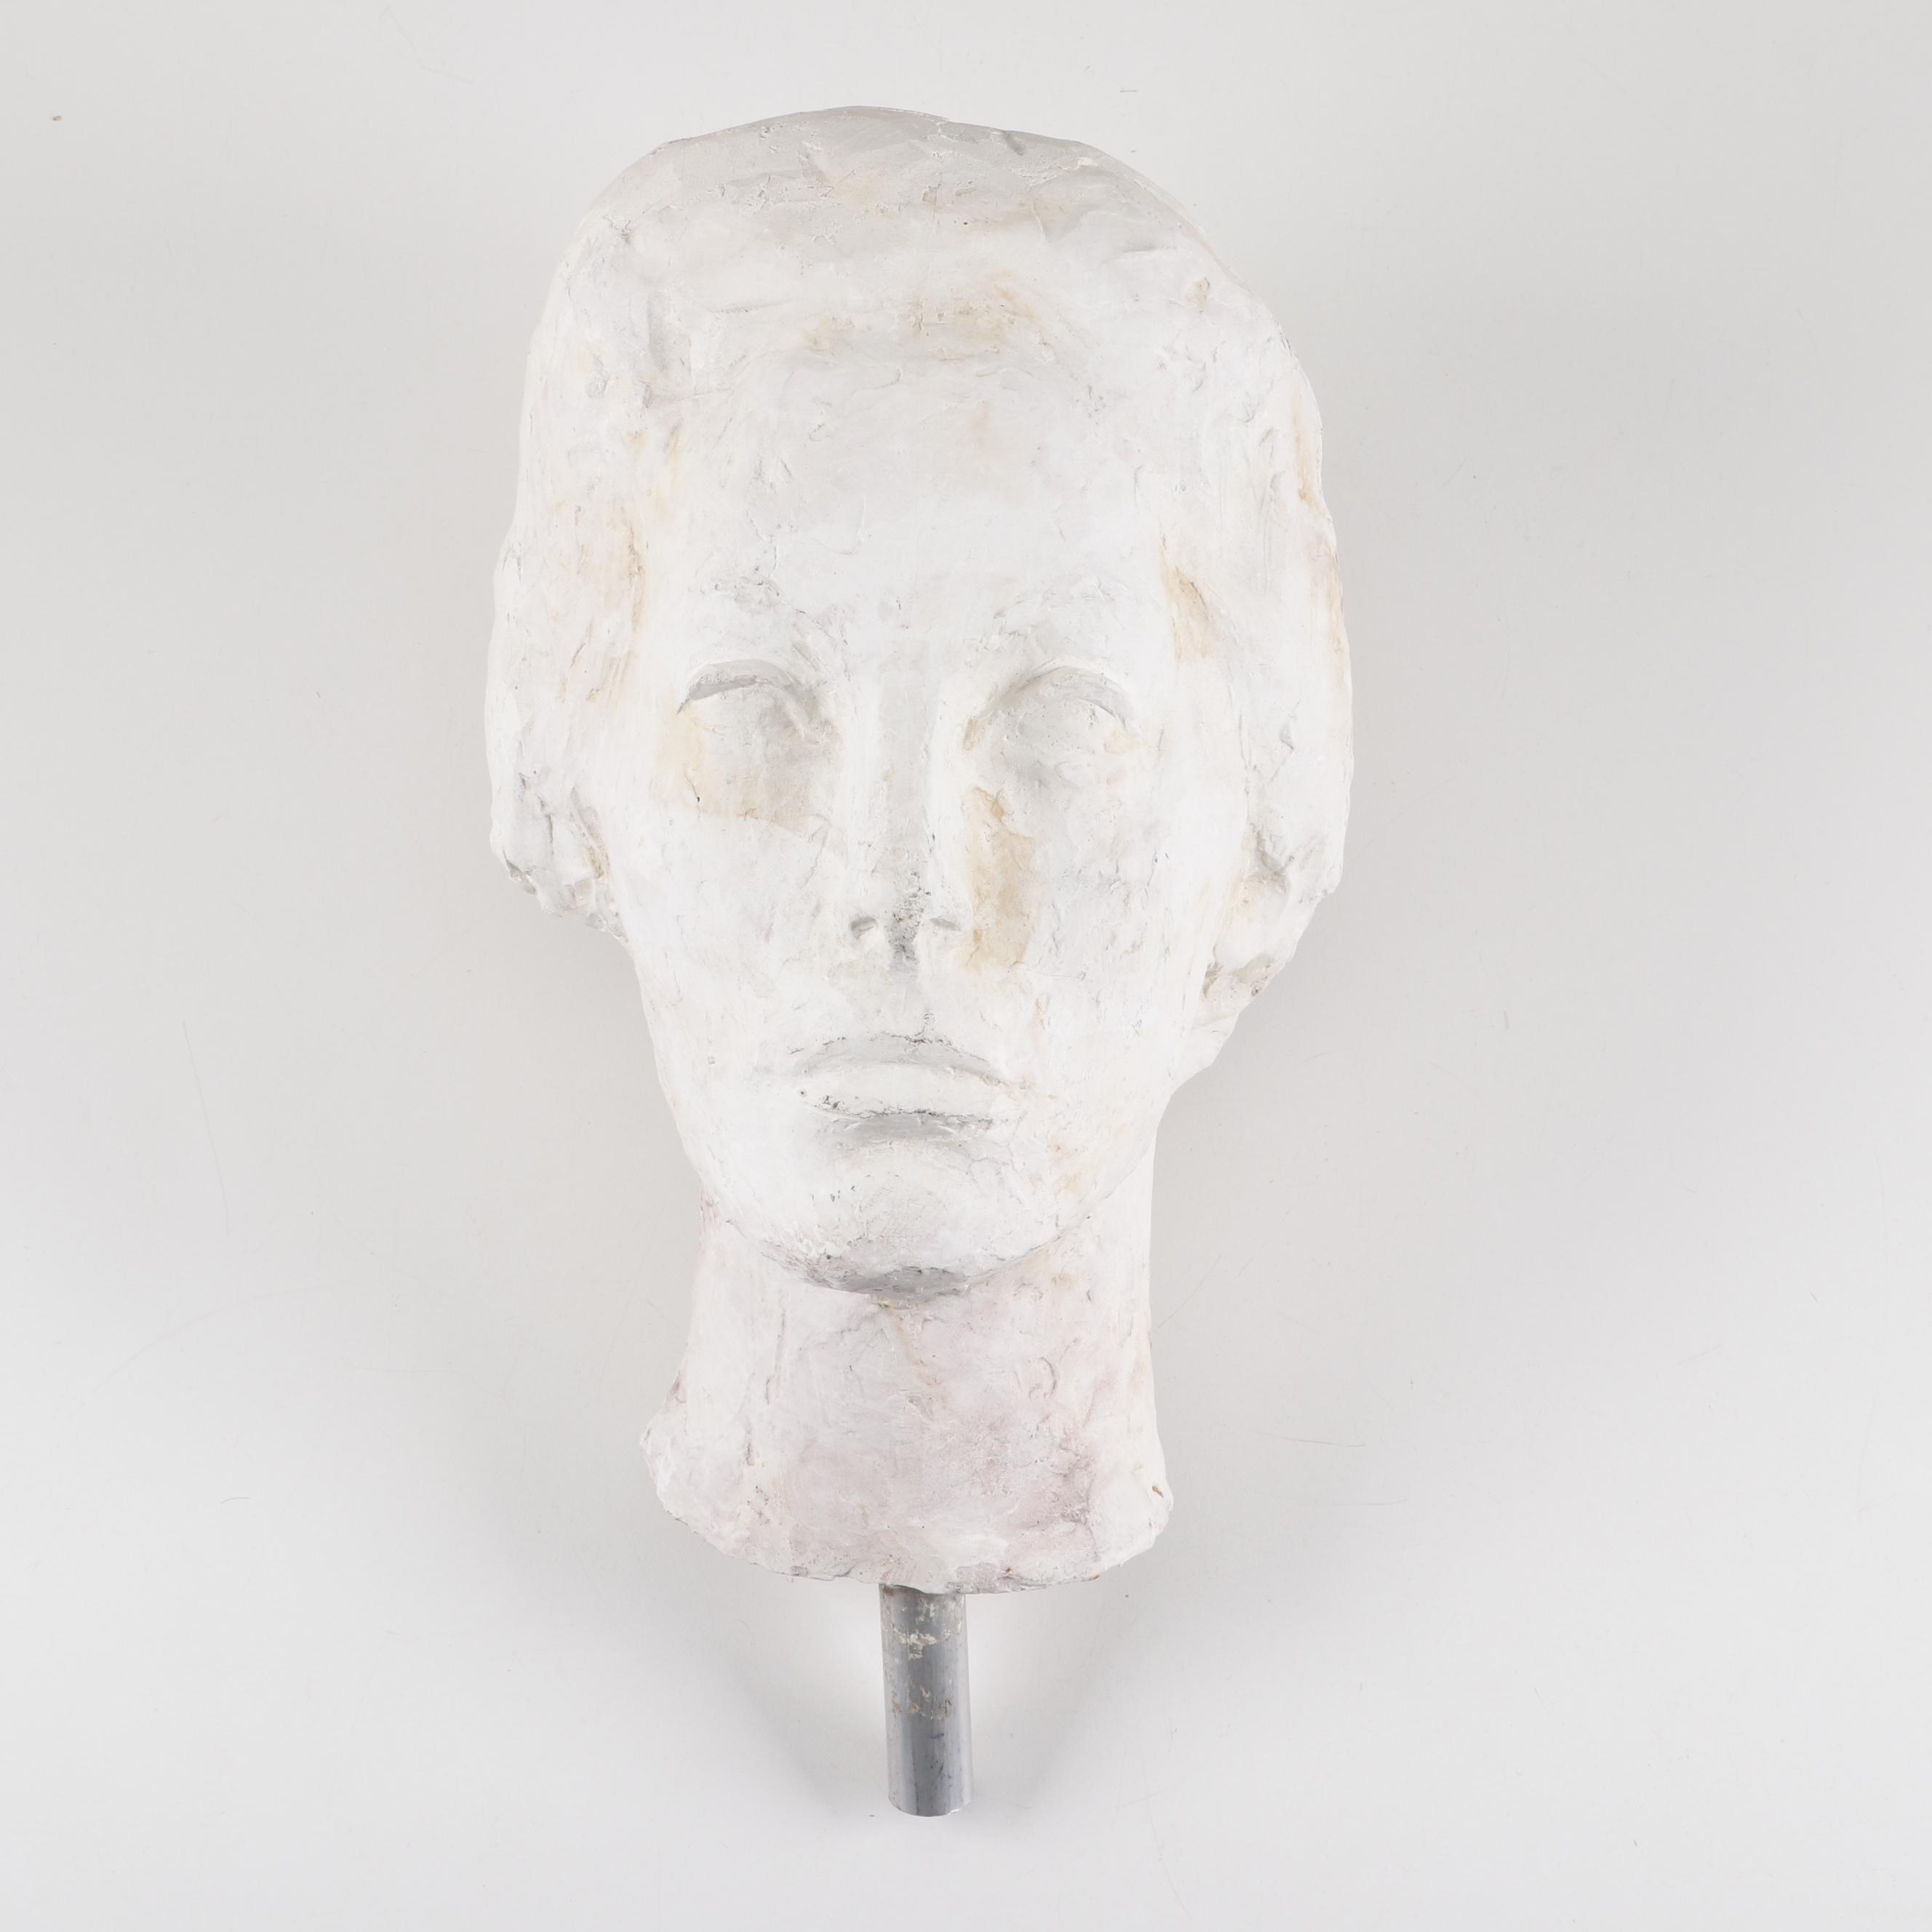 Hand Built Plaster Bust of Woman Sculpture